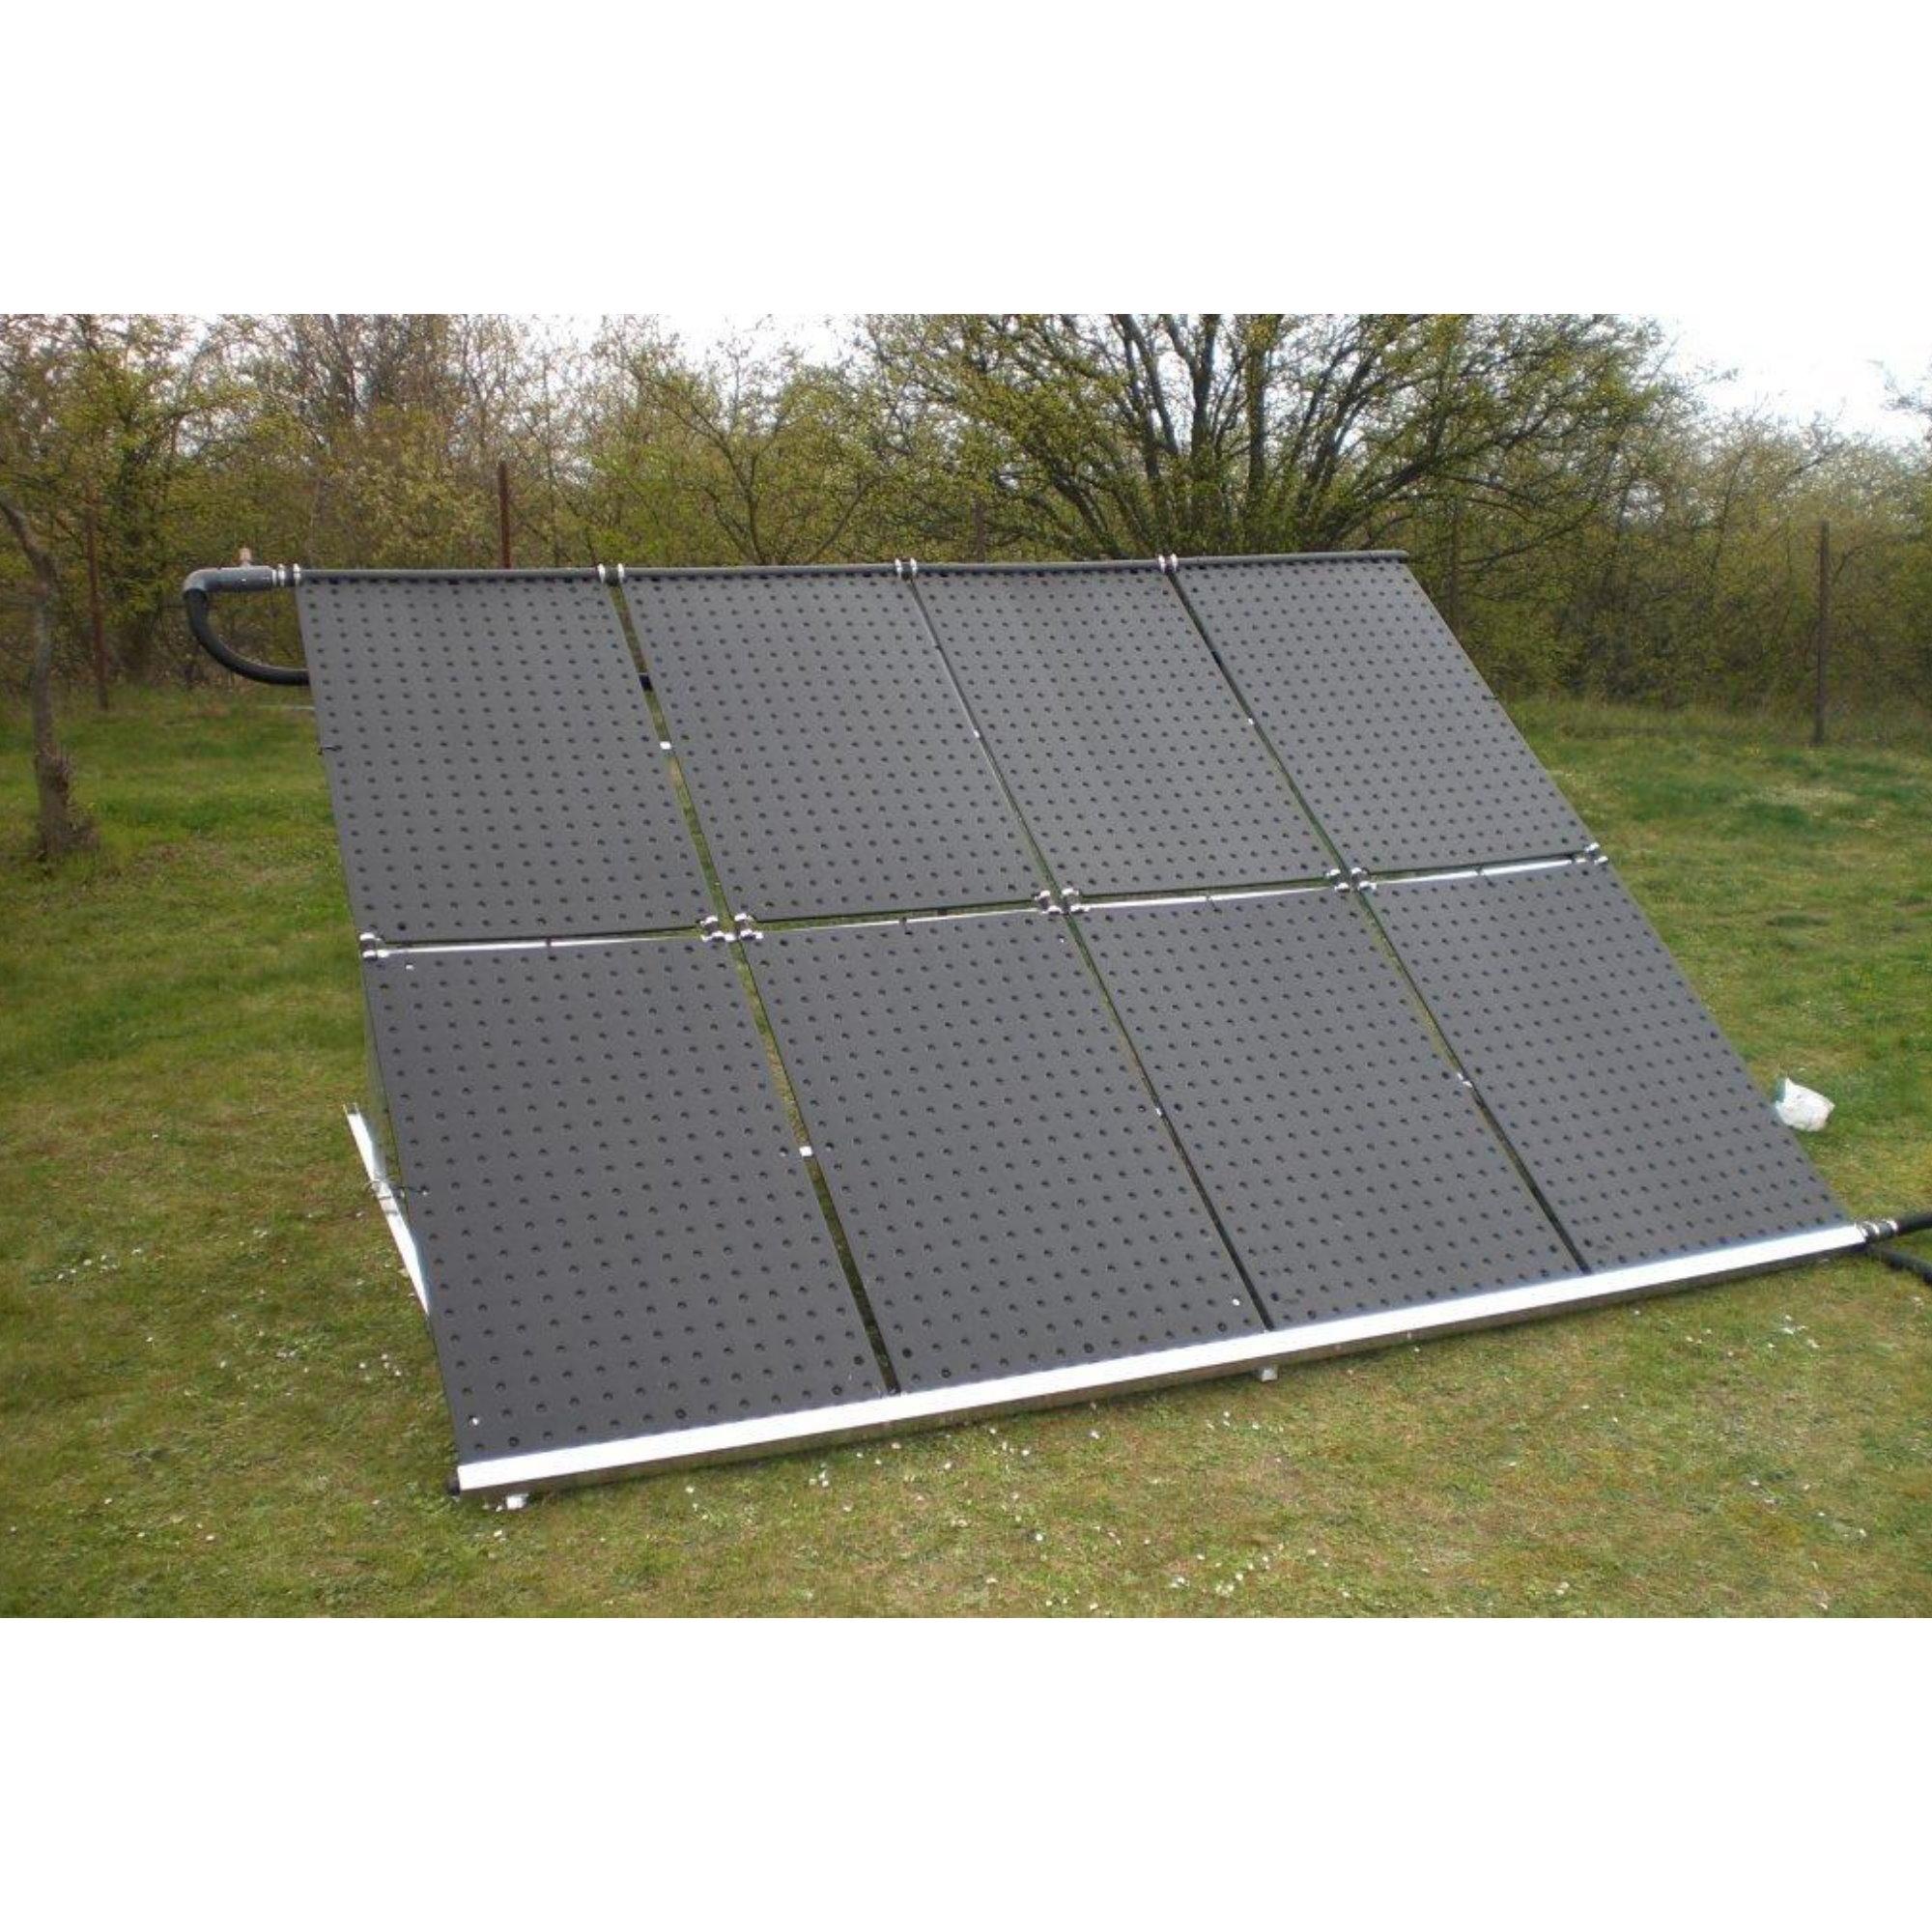 aufst nderung f r 3 solar absorber der art nr 1002 pool chlor shop. Black Bedroom Furniture Sets. Home Design Ideas